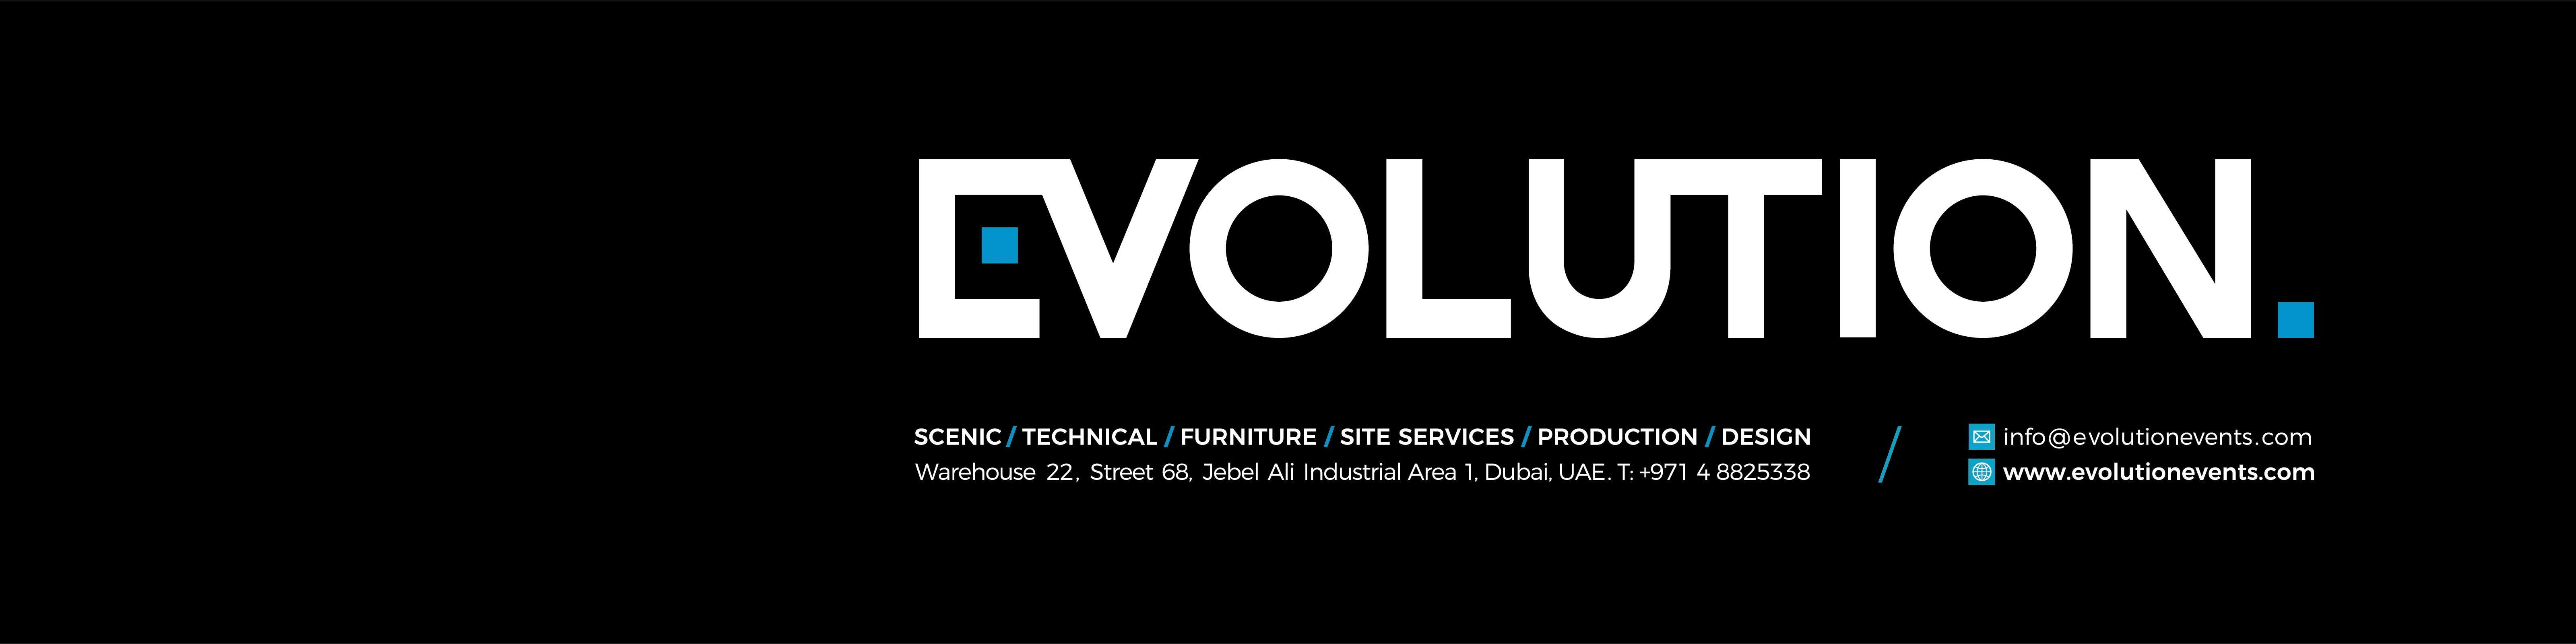 Evolution Live Event Management LLC | LinkedIn